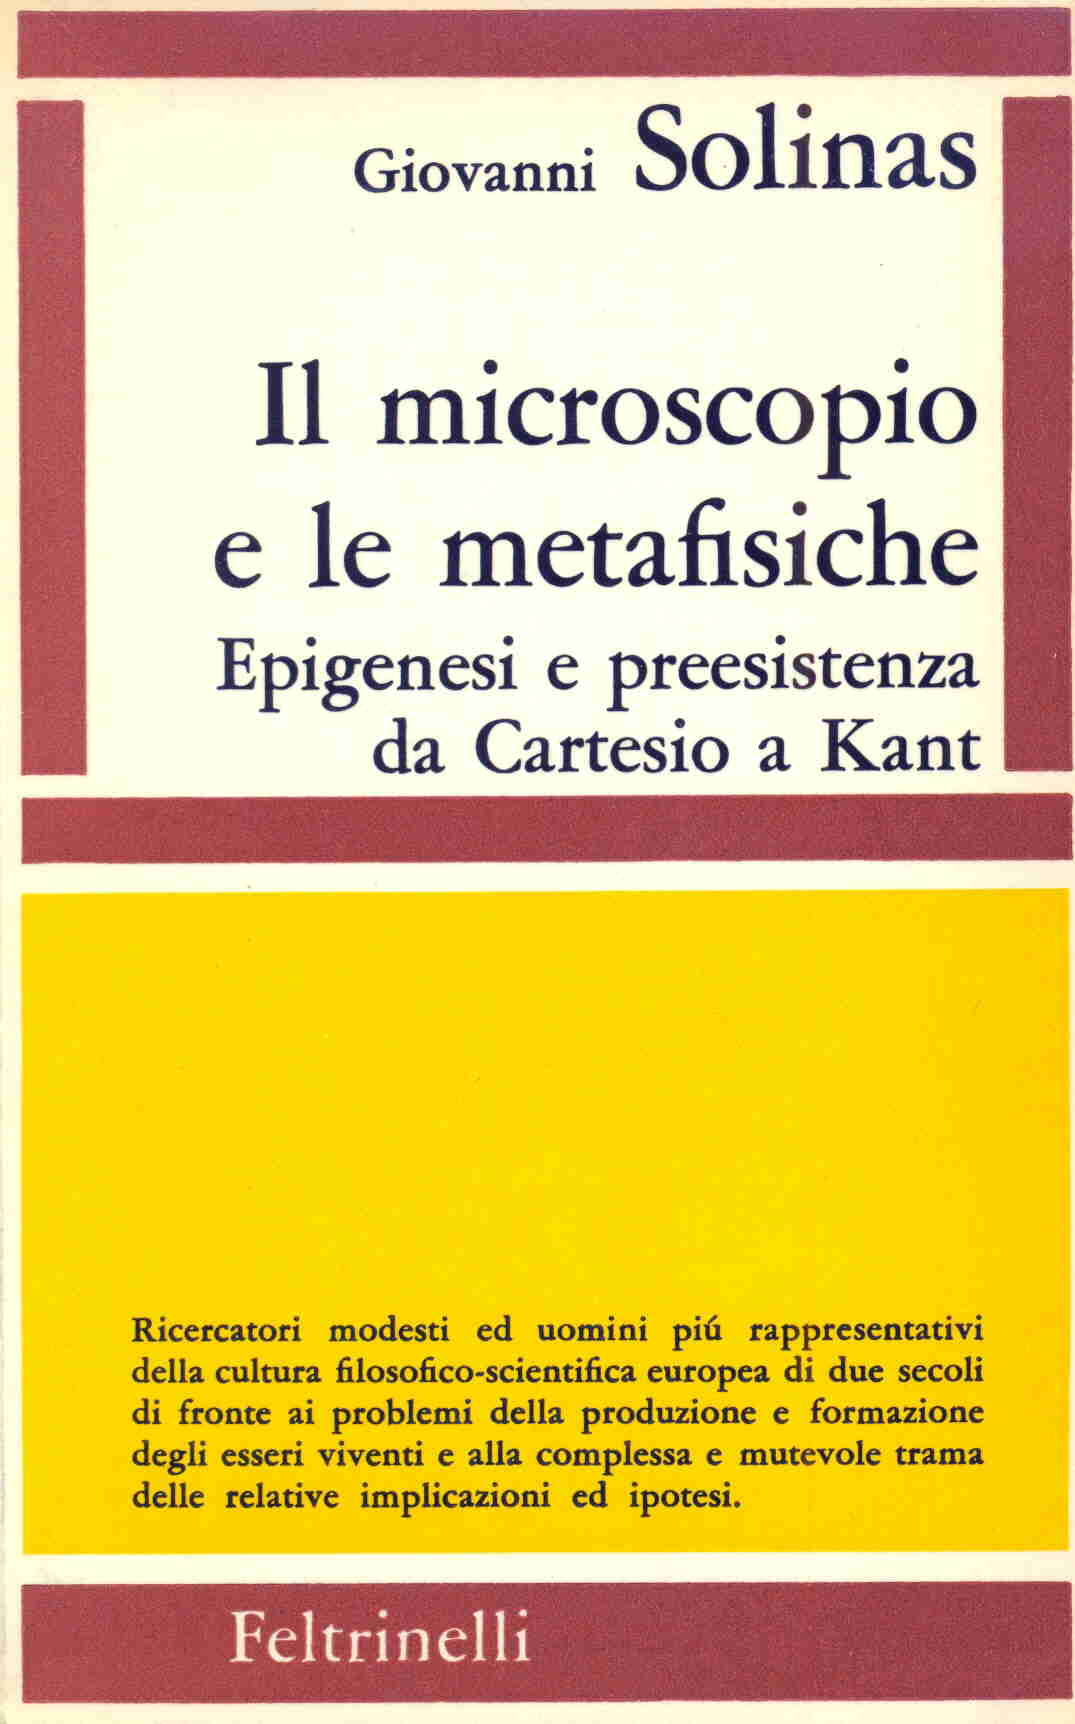 Il microscopio e le metafisiche